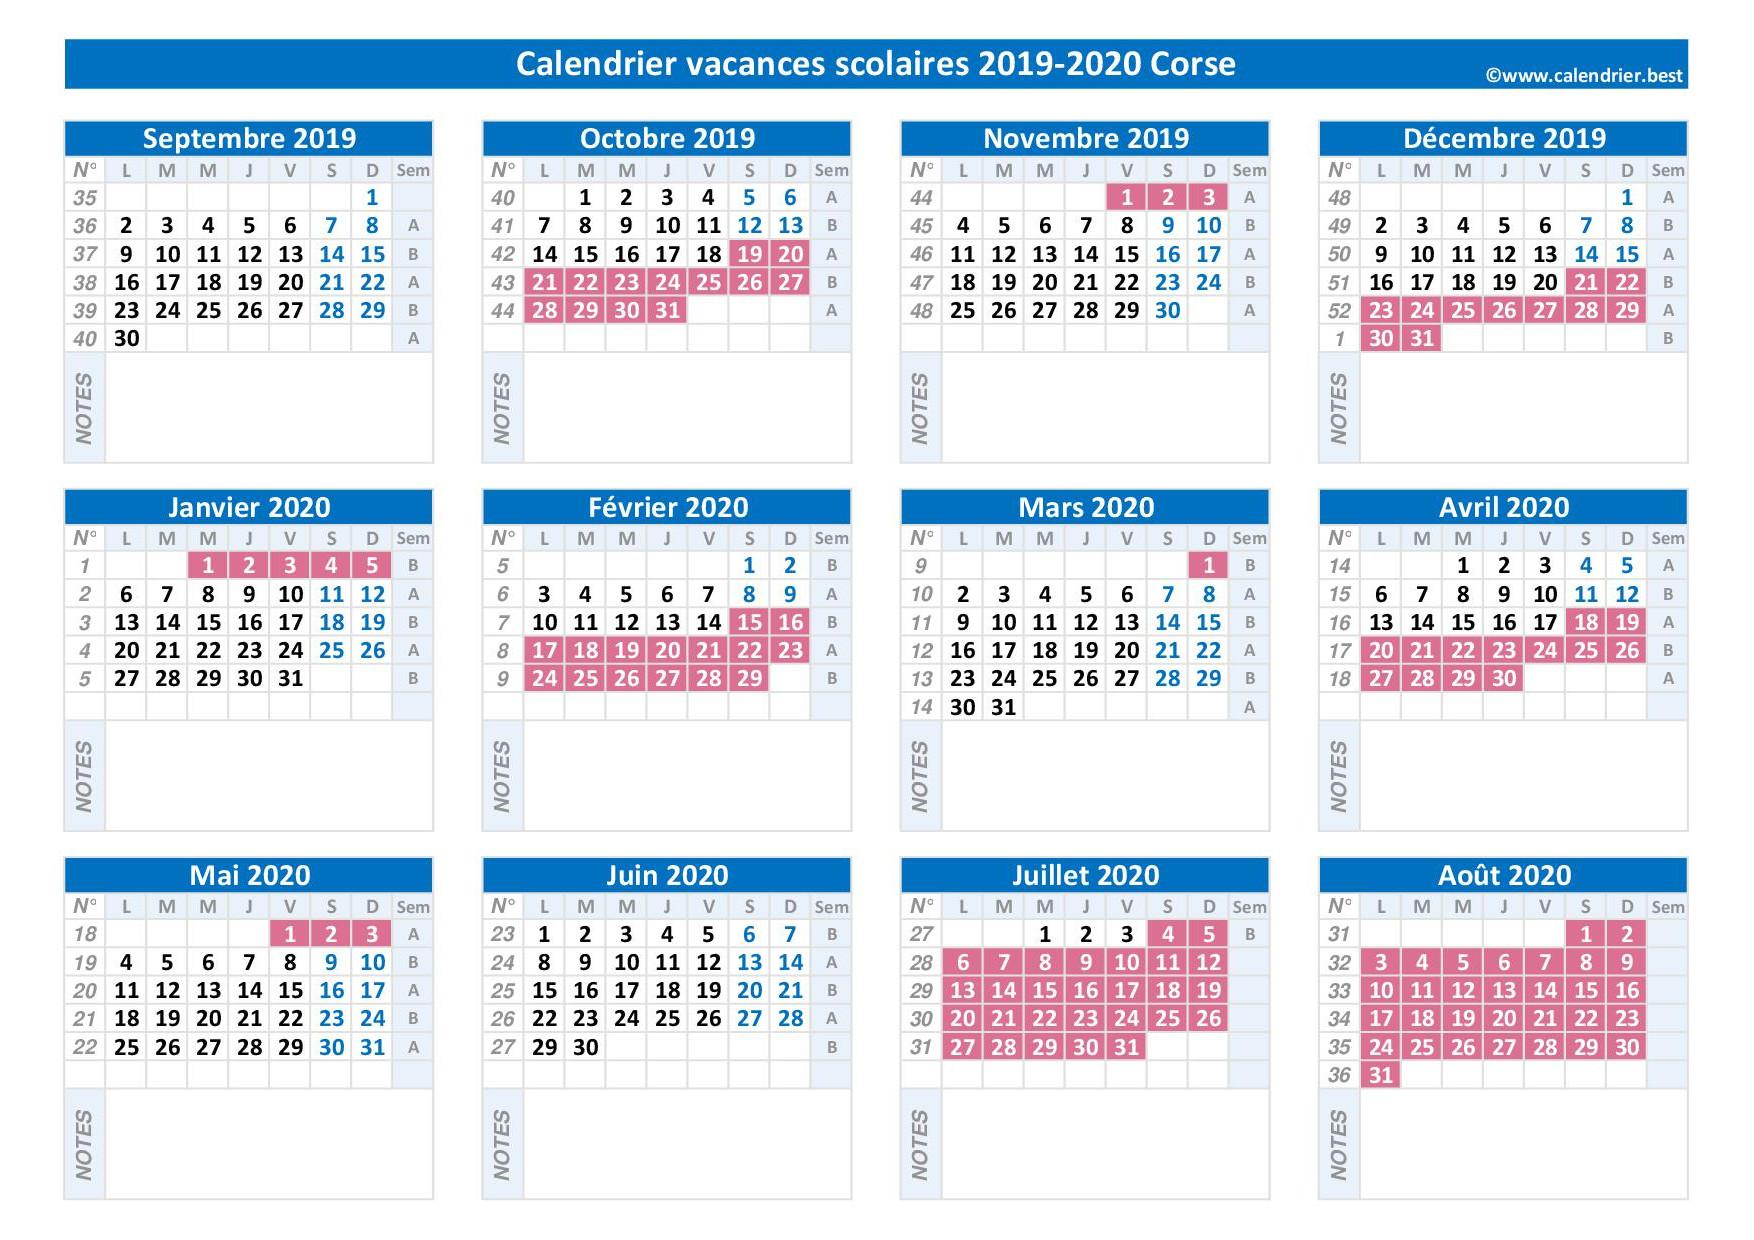 Vacances scolaires Corse : calendrier 2019 2020 et 2020 2021